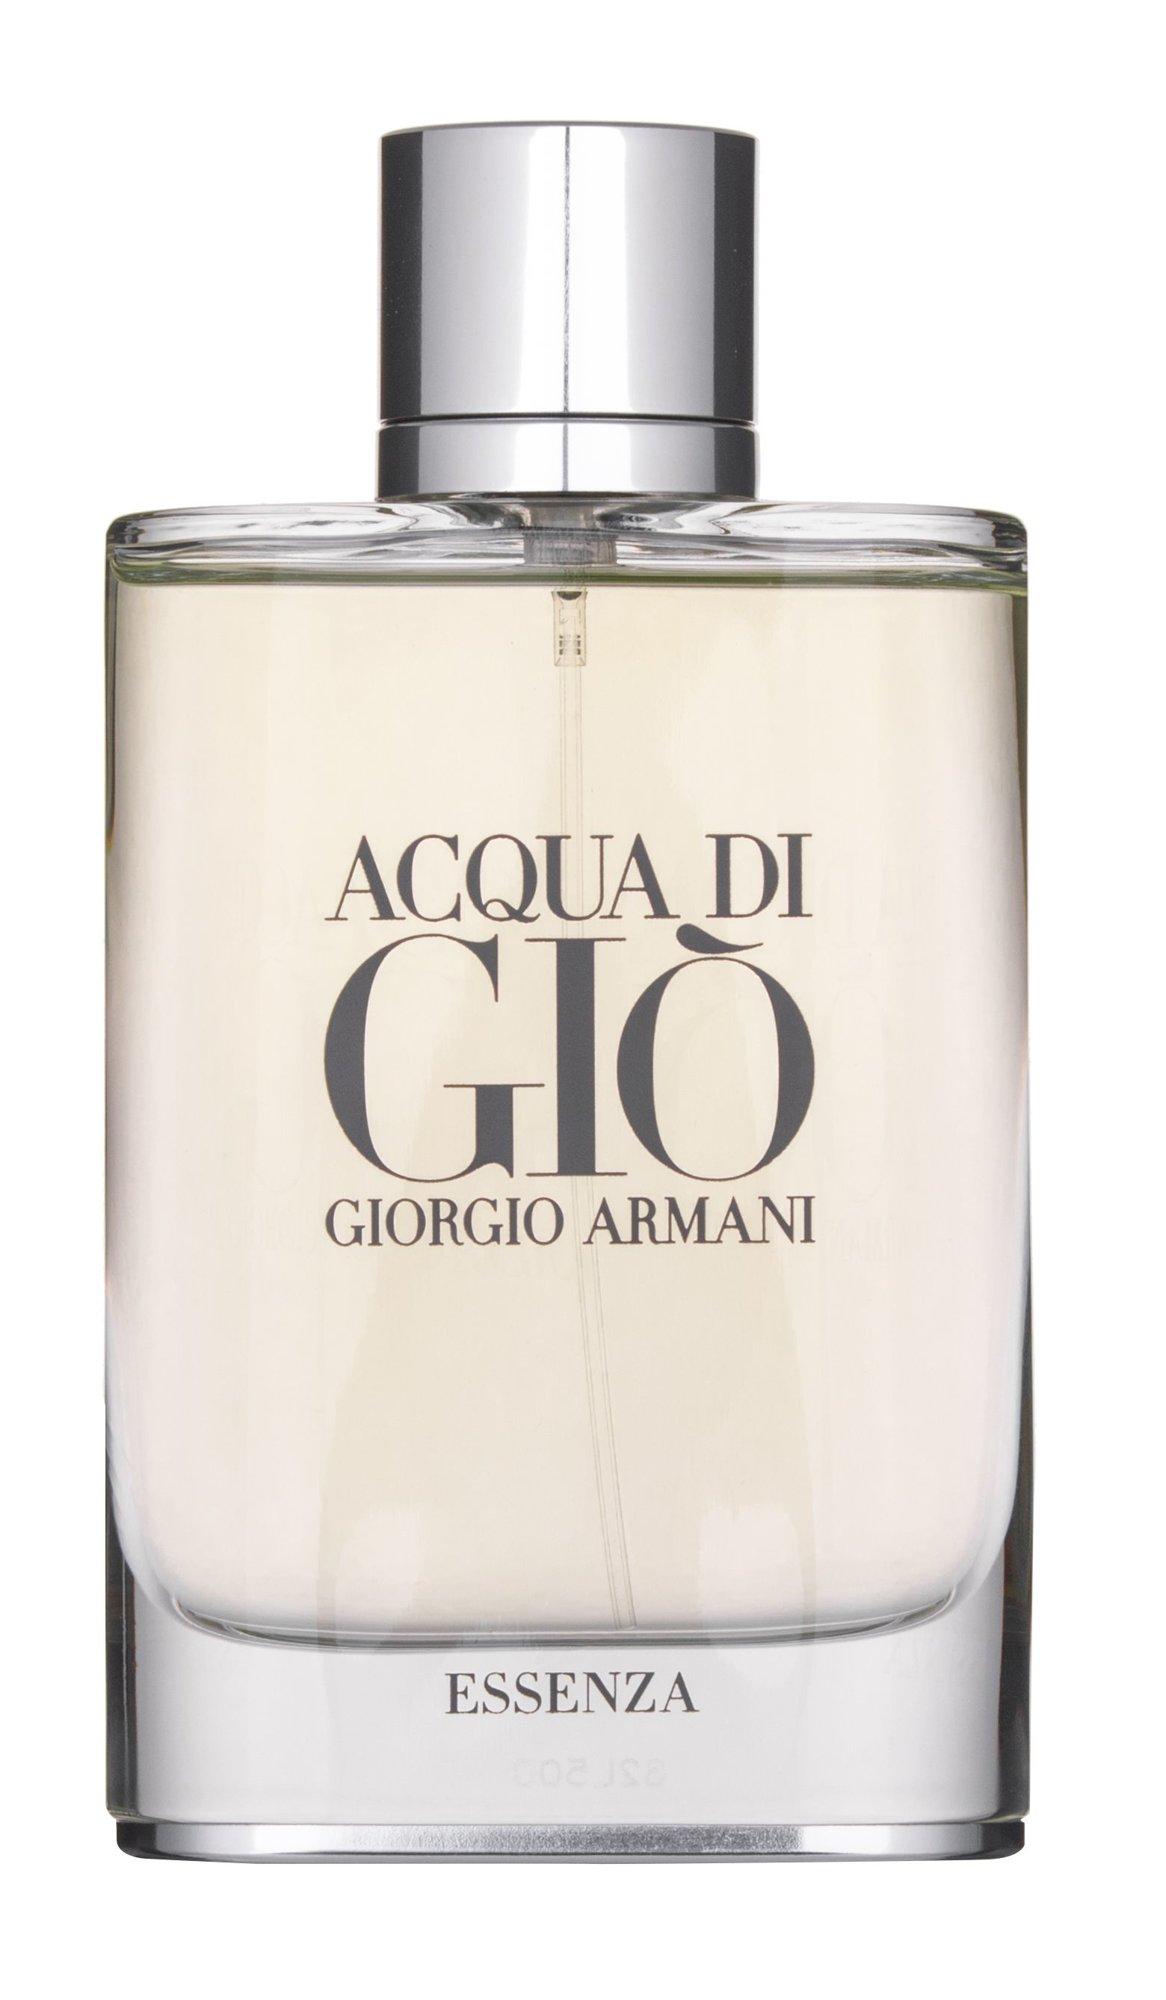 Giorgio Armani Acqua di Gio Essenza EDP 125ml